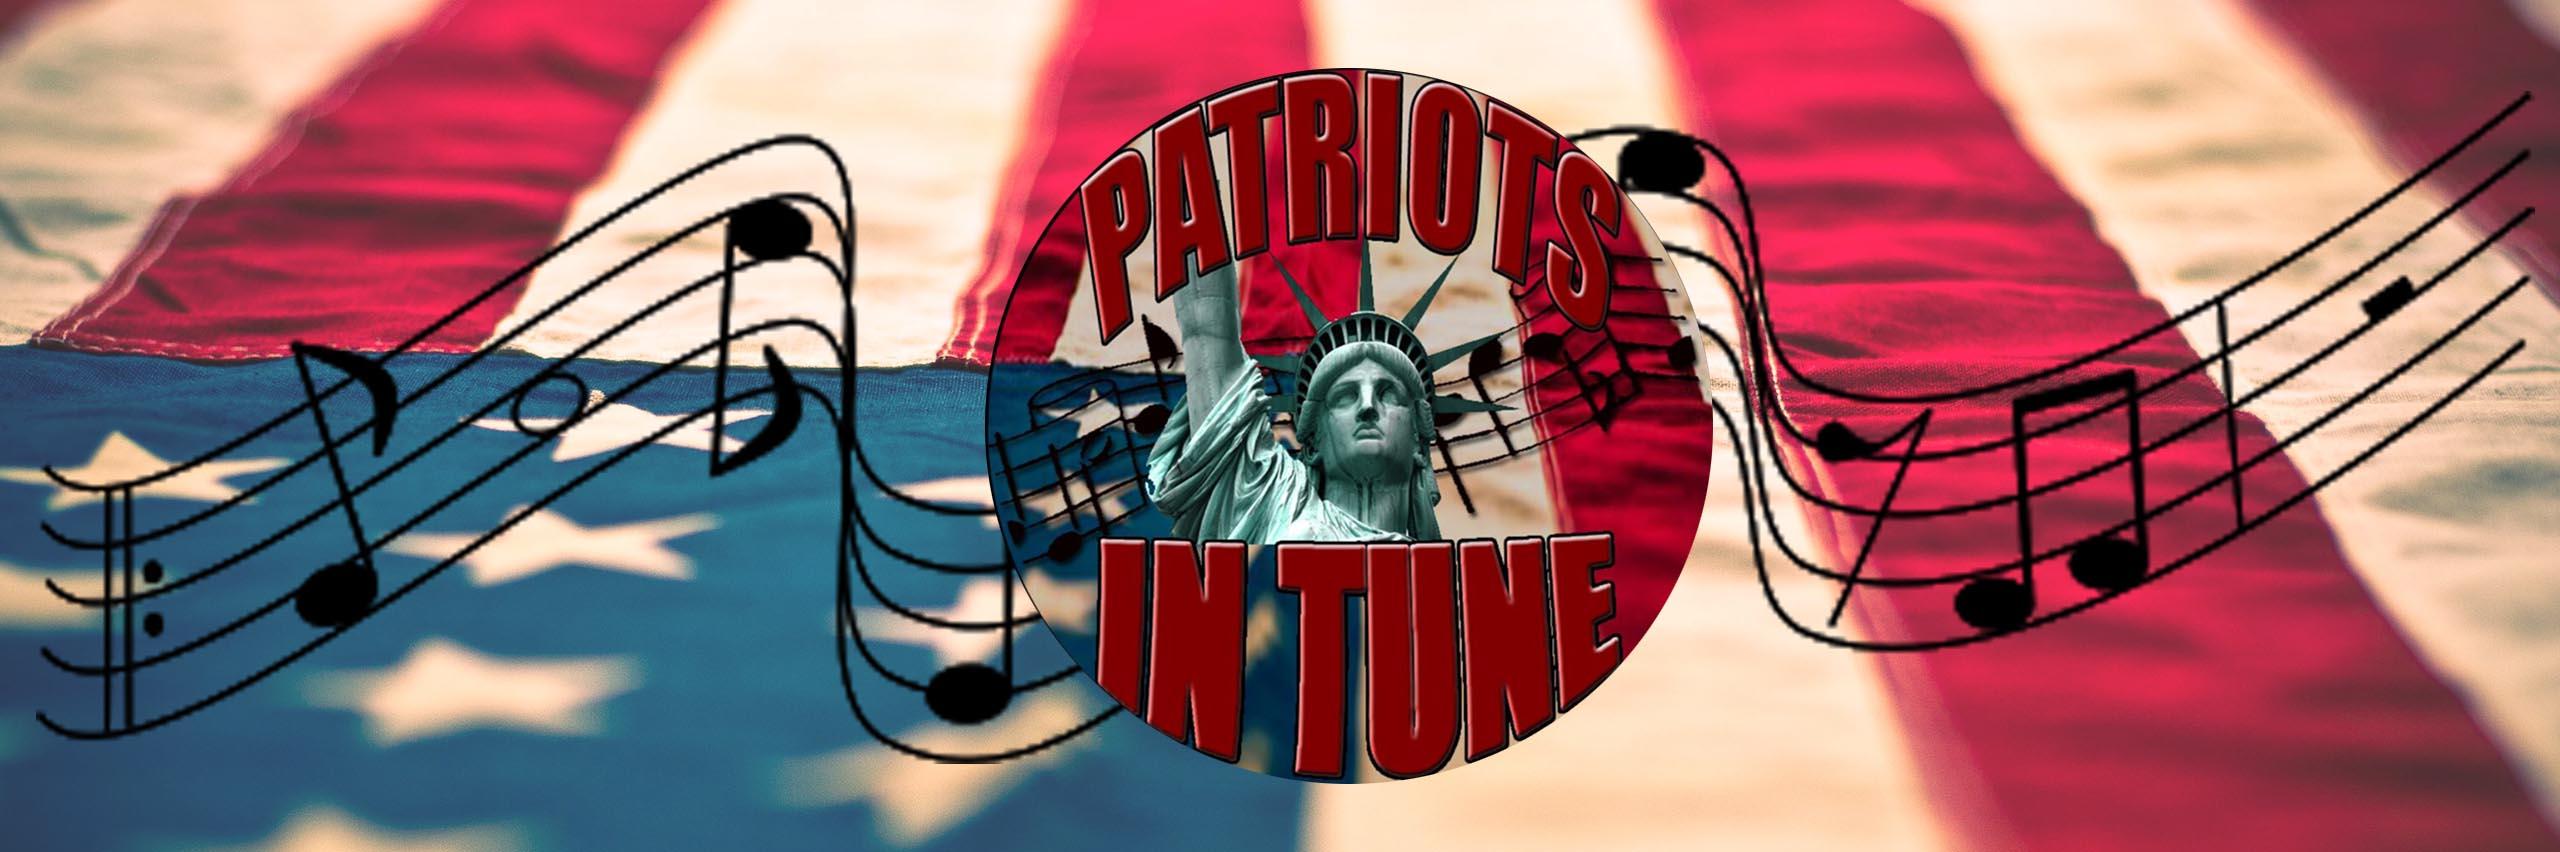 PatriotInTunes_header2